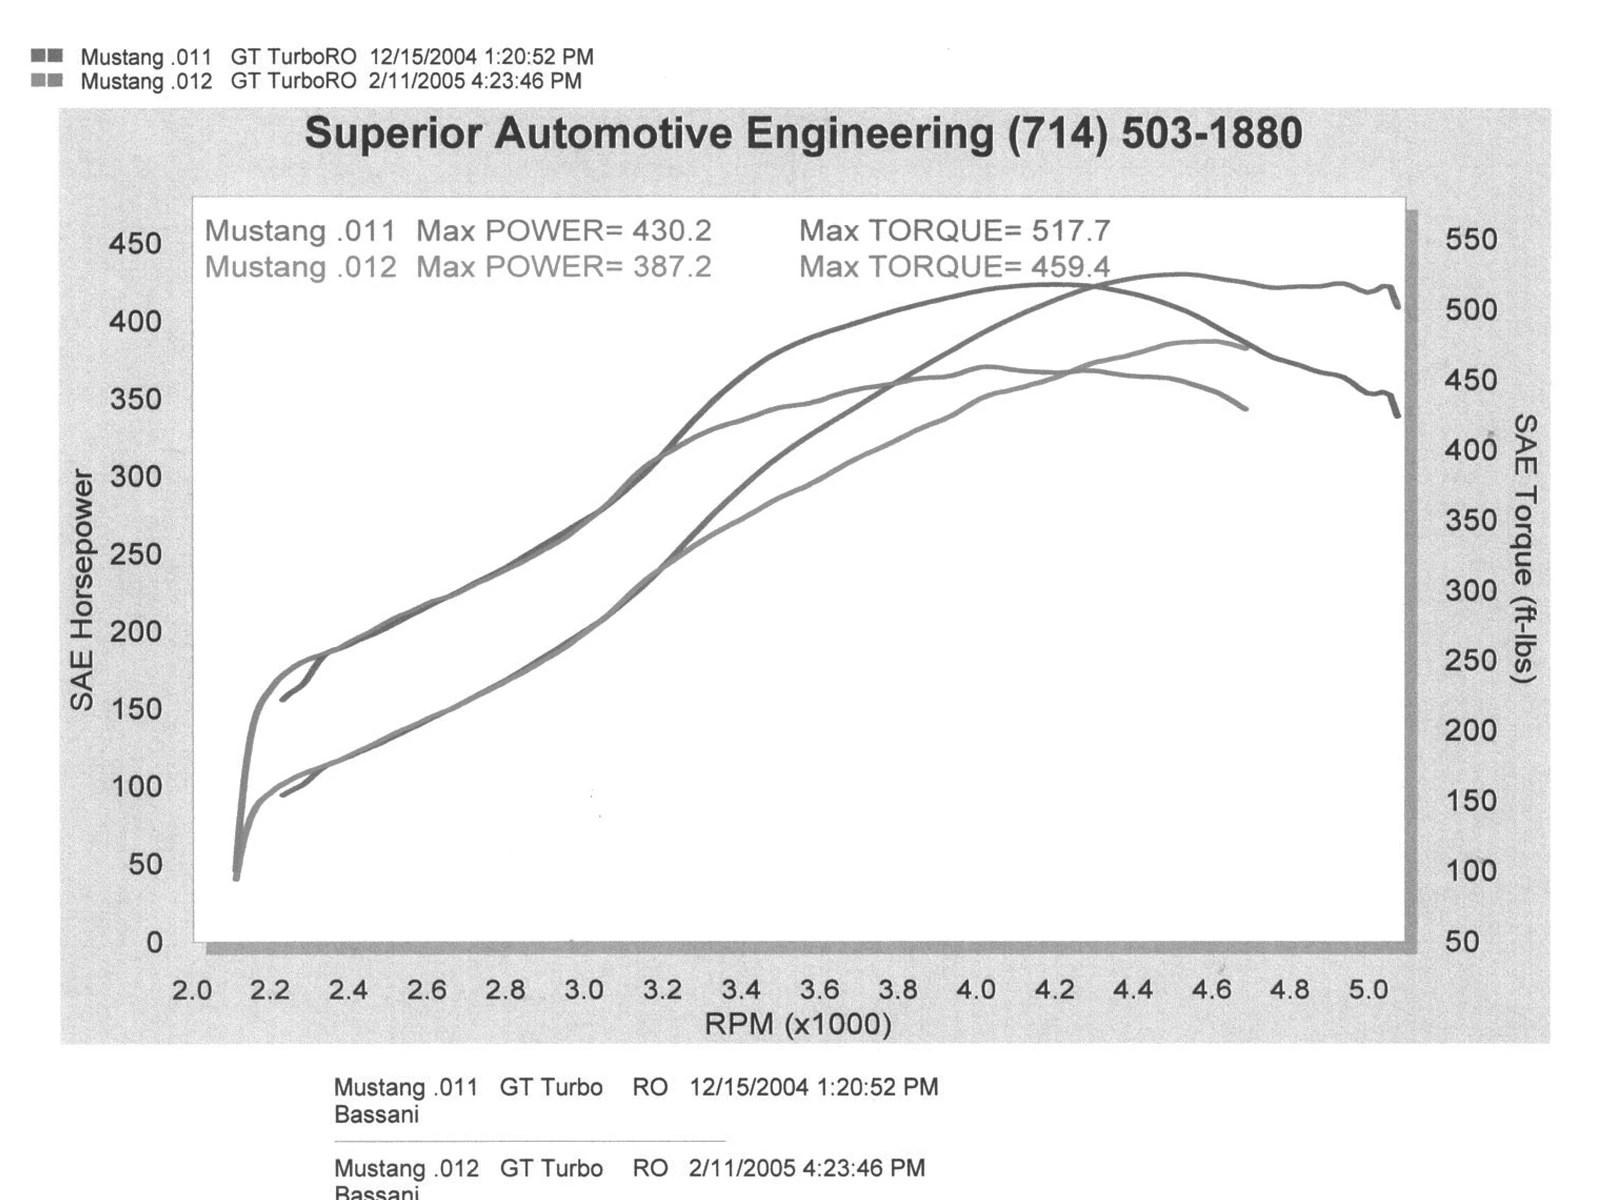 m5lp 0507 14 hps turbo kit chassis dyno graph [ 1600 x 1200 Pixel ]